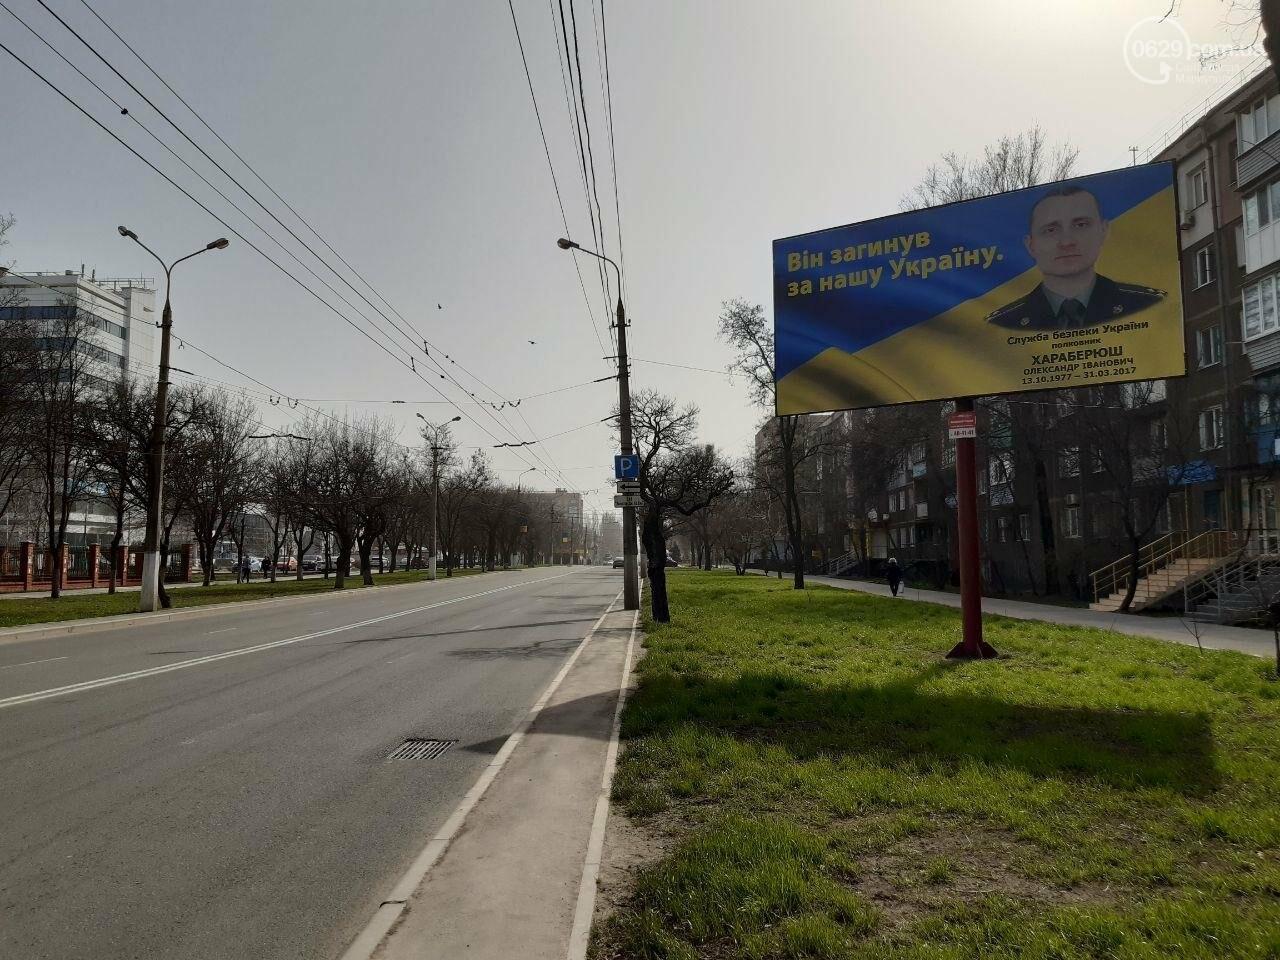 Три года после теракта. В Мариуполе развесили билборды в память о Хараберюше, фото-3